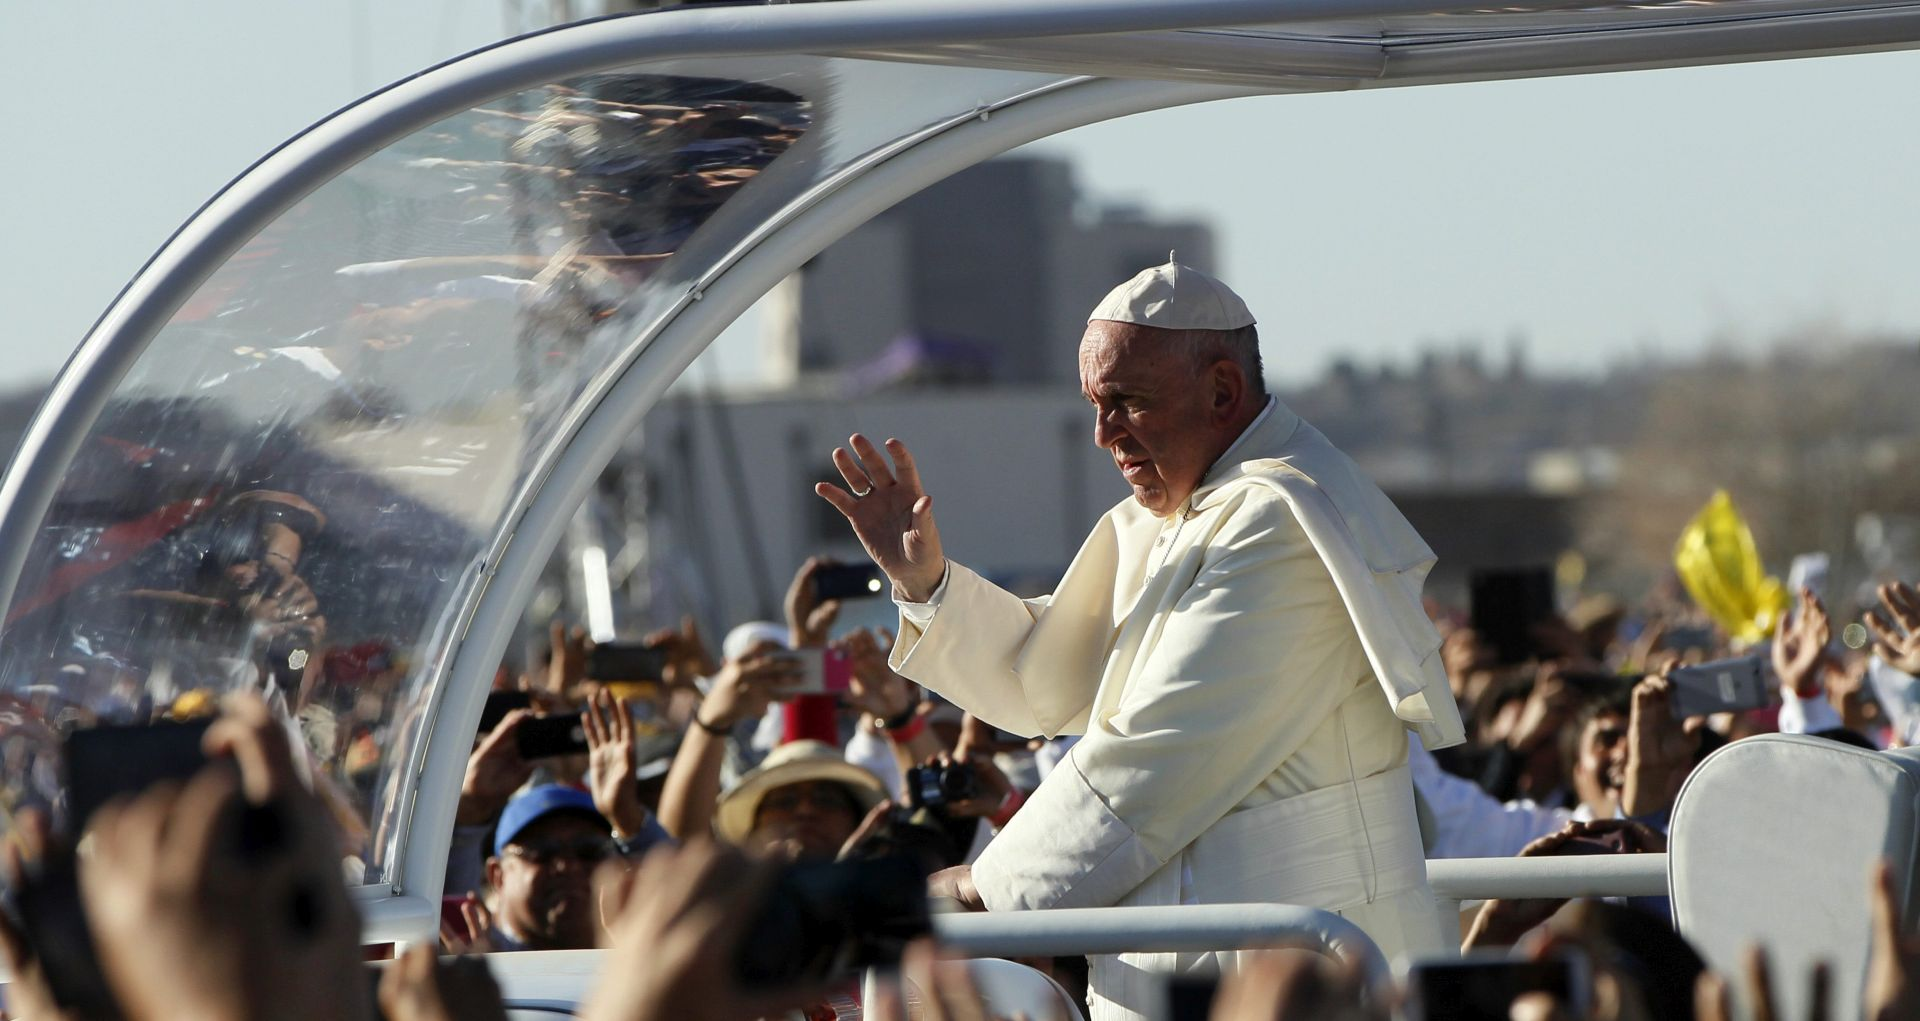 STAJALIŠTA O IZBJEGLICAMA: Papina izjava o Trumpu nije napad na njega osobno